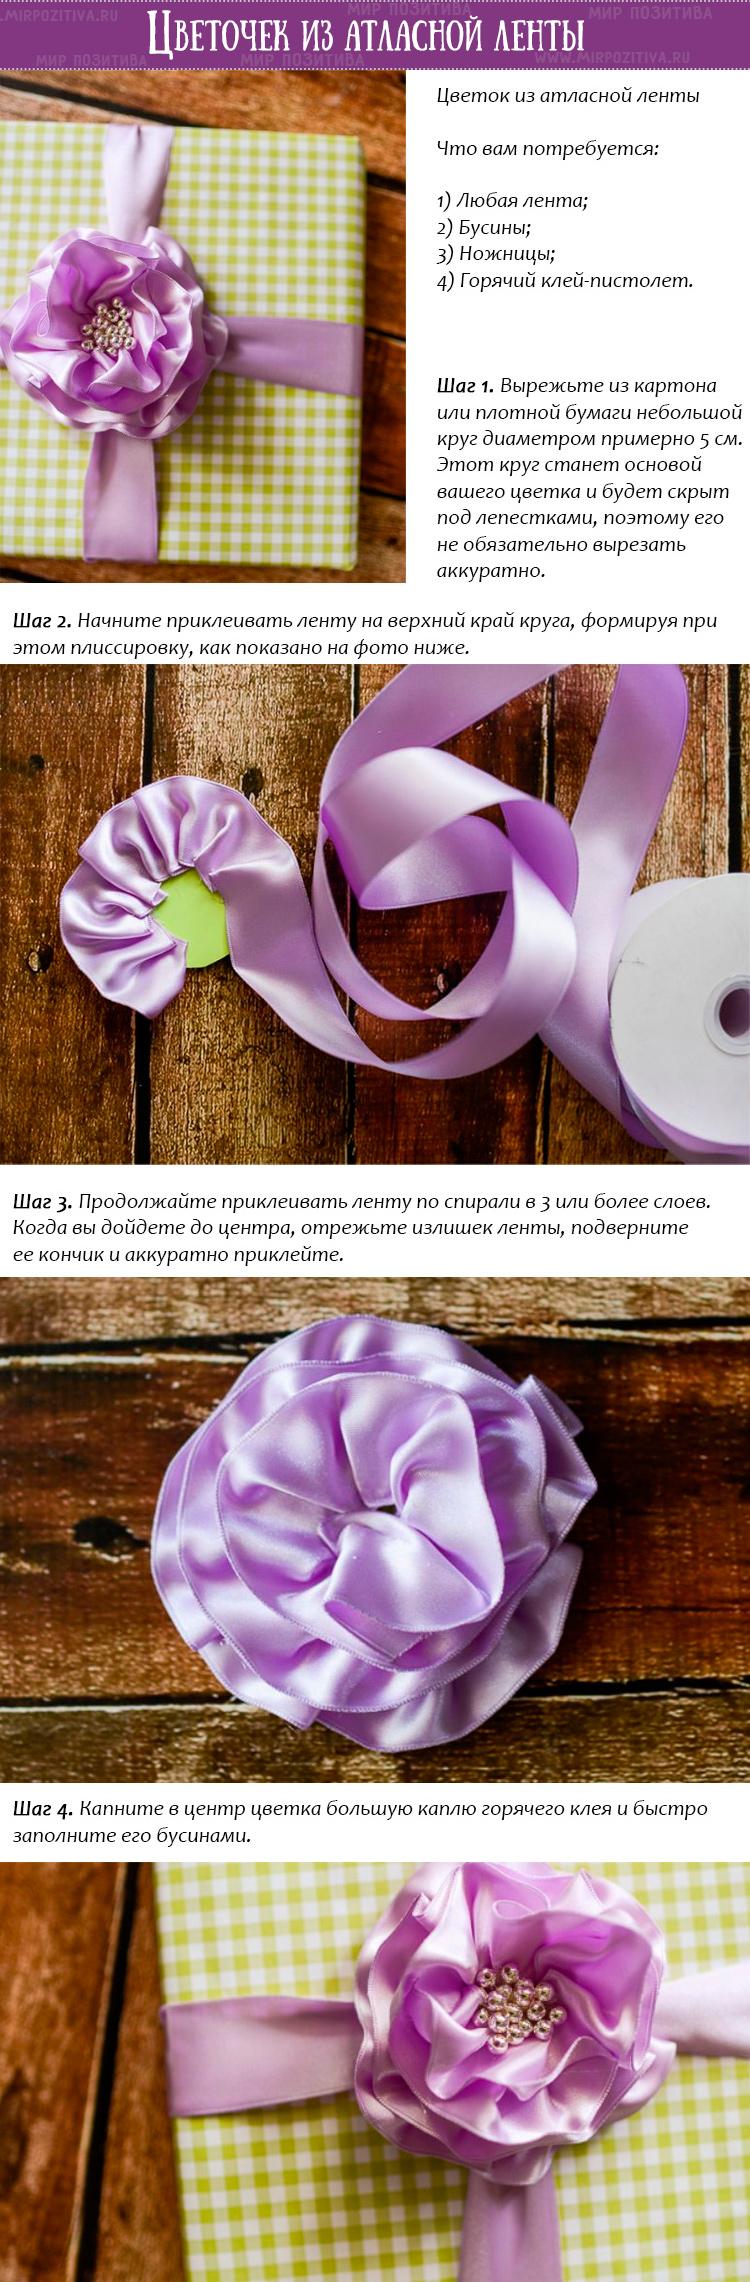 цветок из атласной ленты для подарка